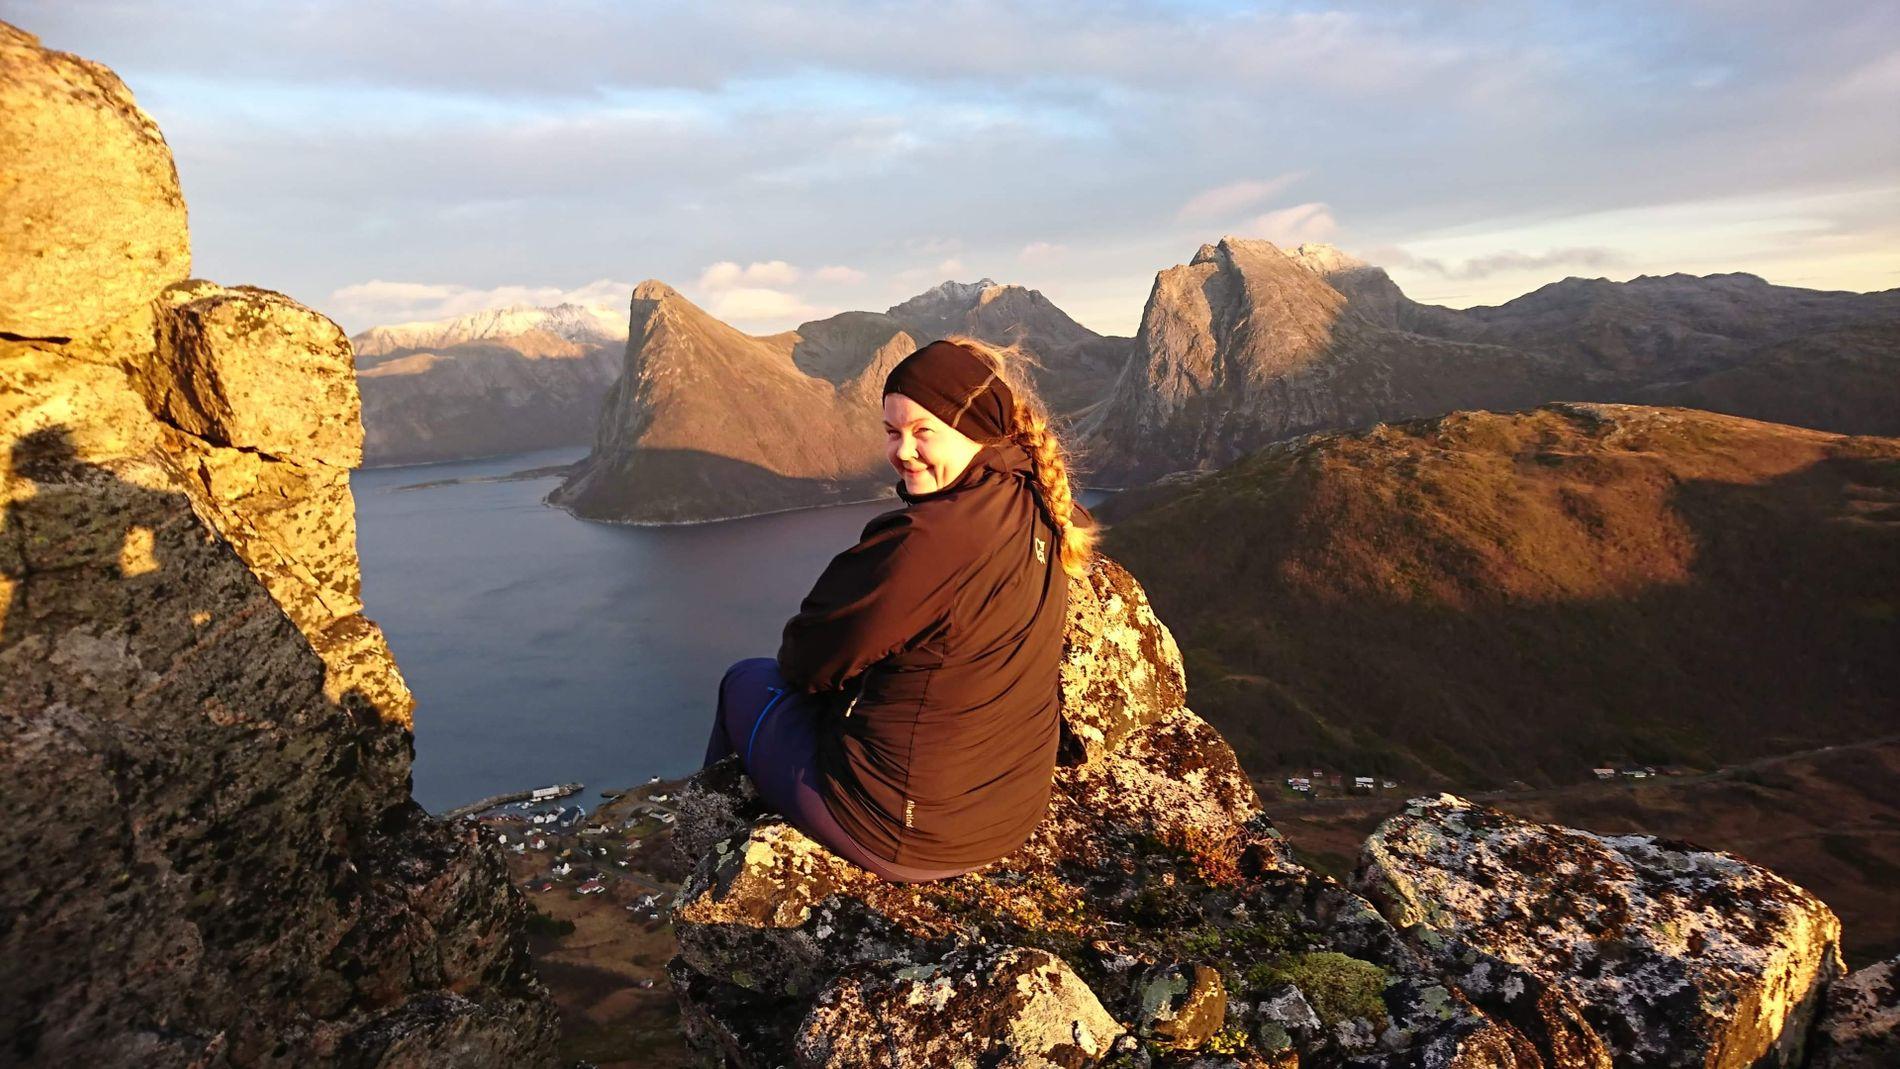 VIL FLYTTE HJEM: Kristine Aarnes (28) skal tilbake til Vestrefjord. Hun trives best tett på naturen, og bor nå på Senja i Midt-Troms.